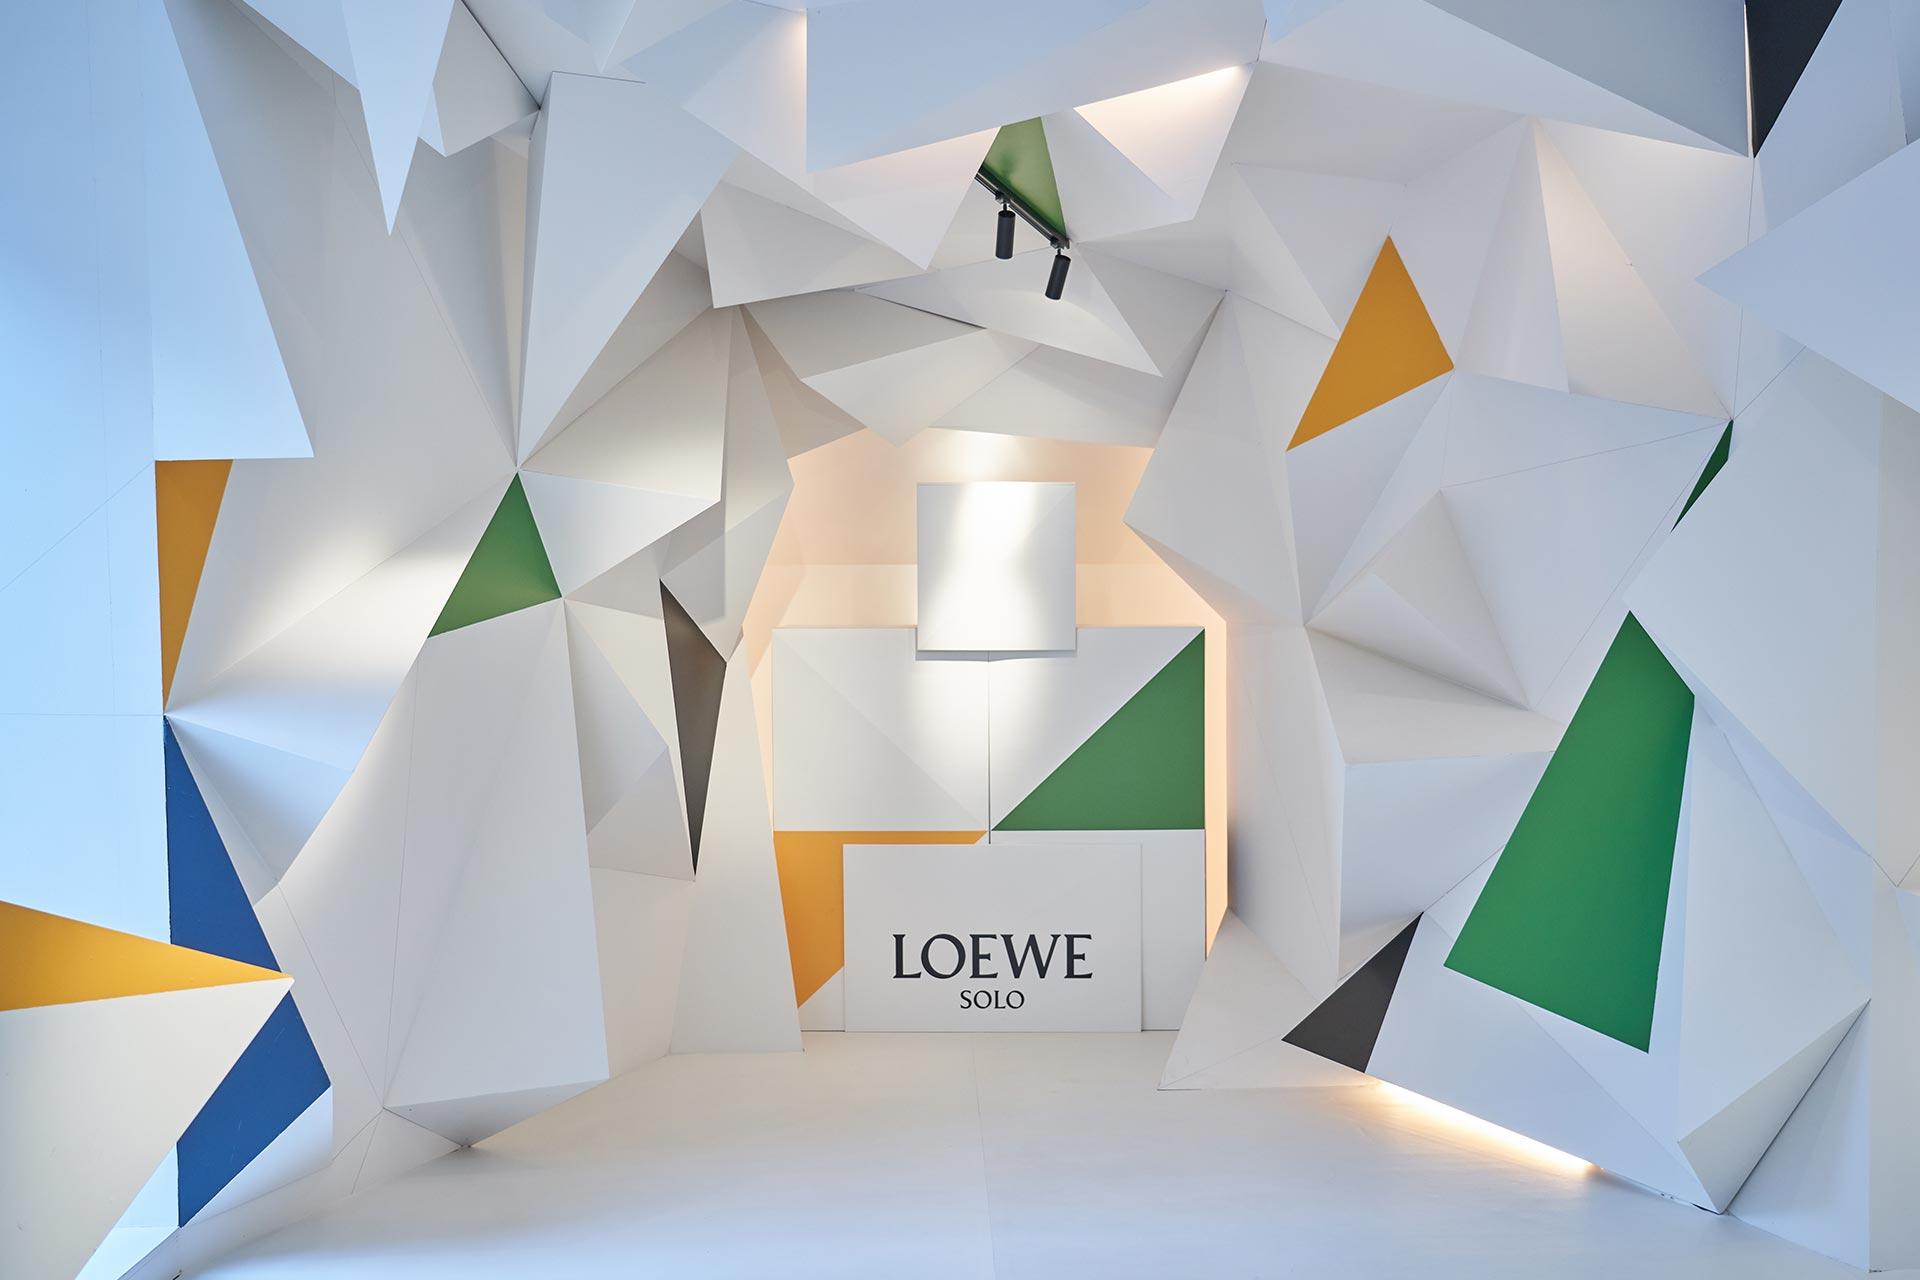 xloewe2